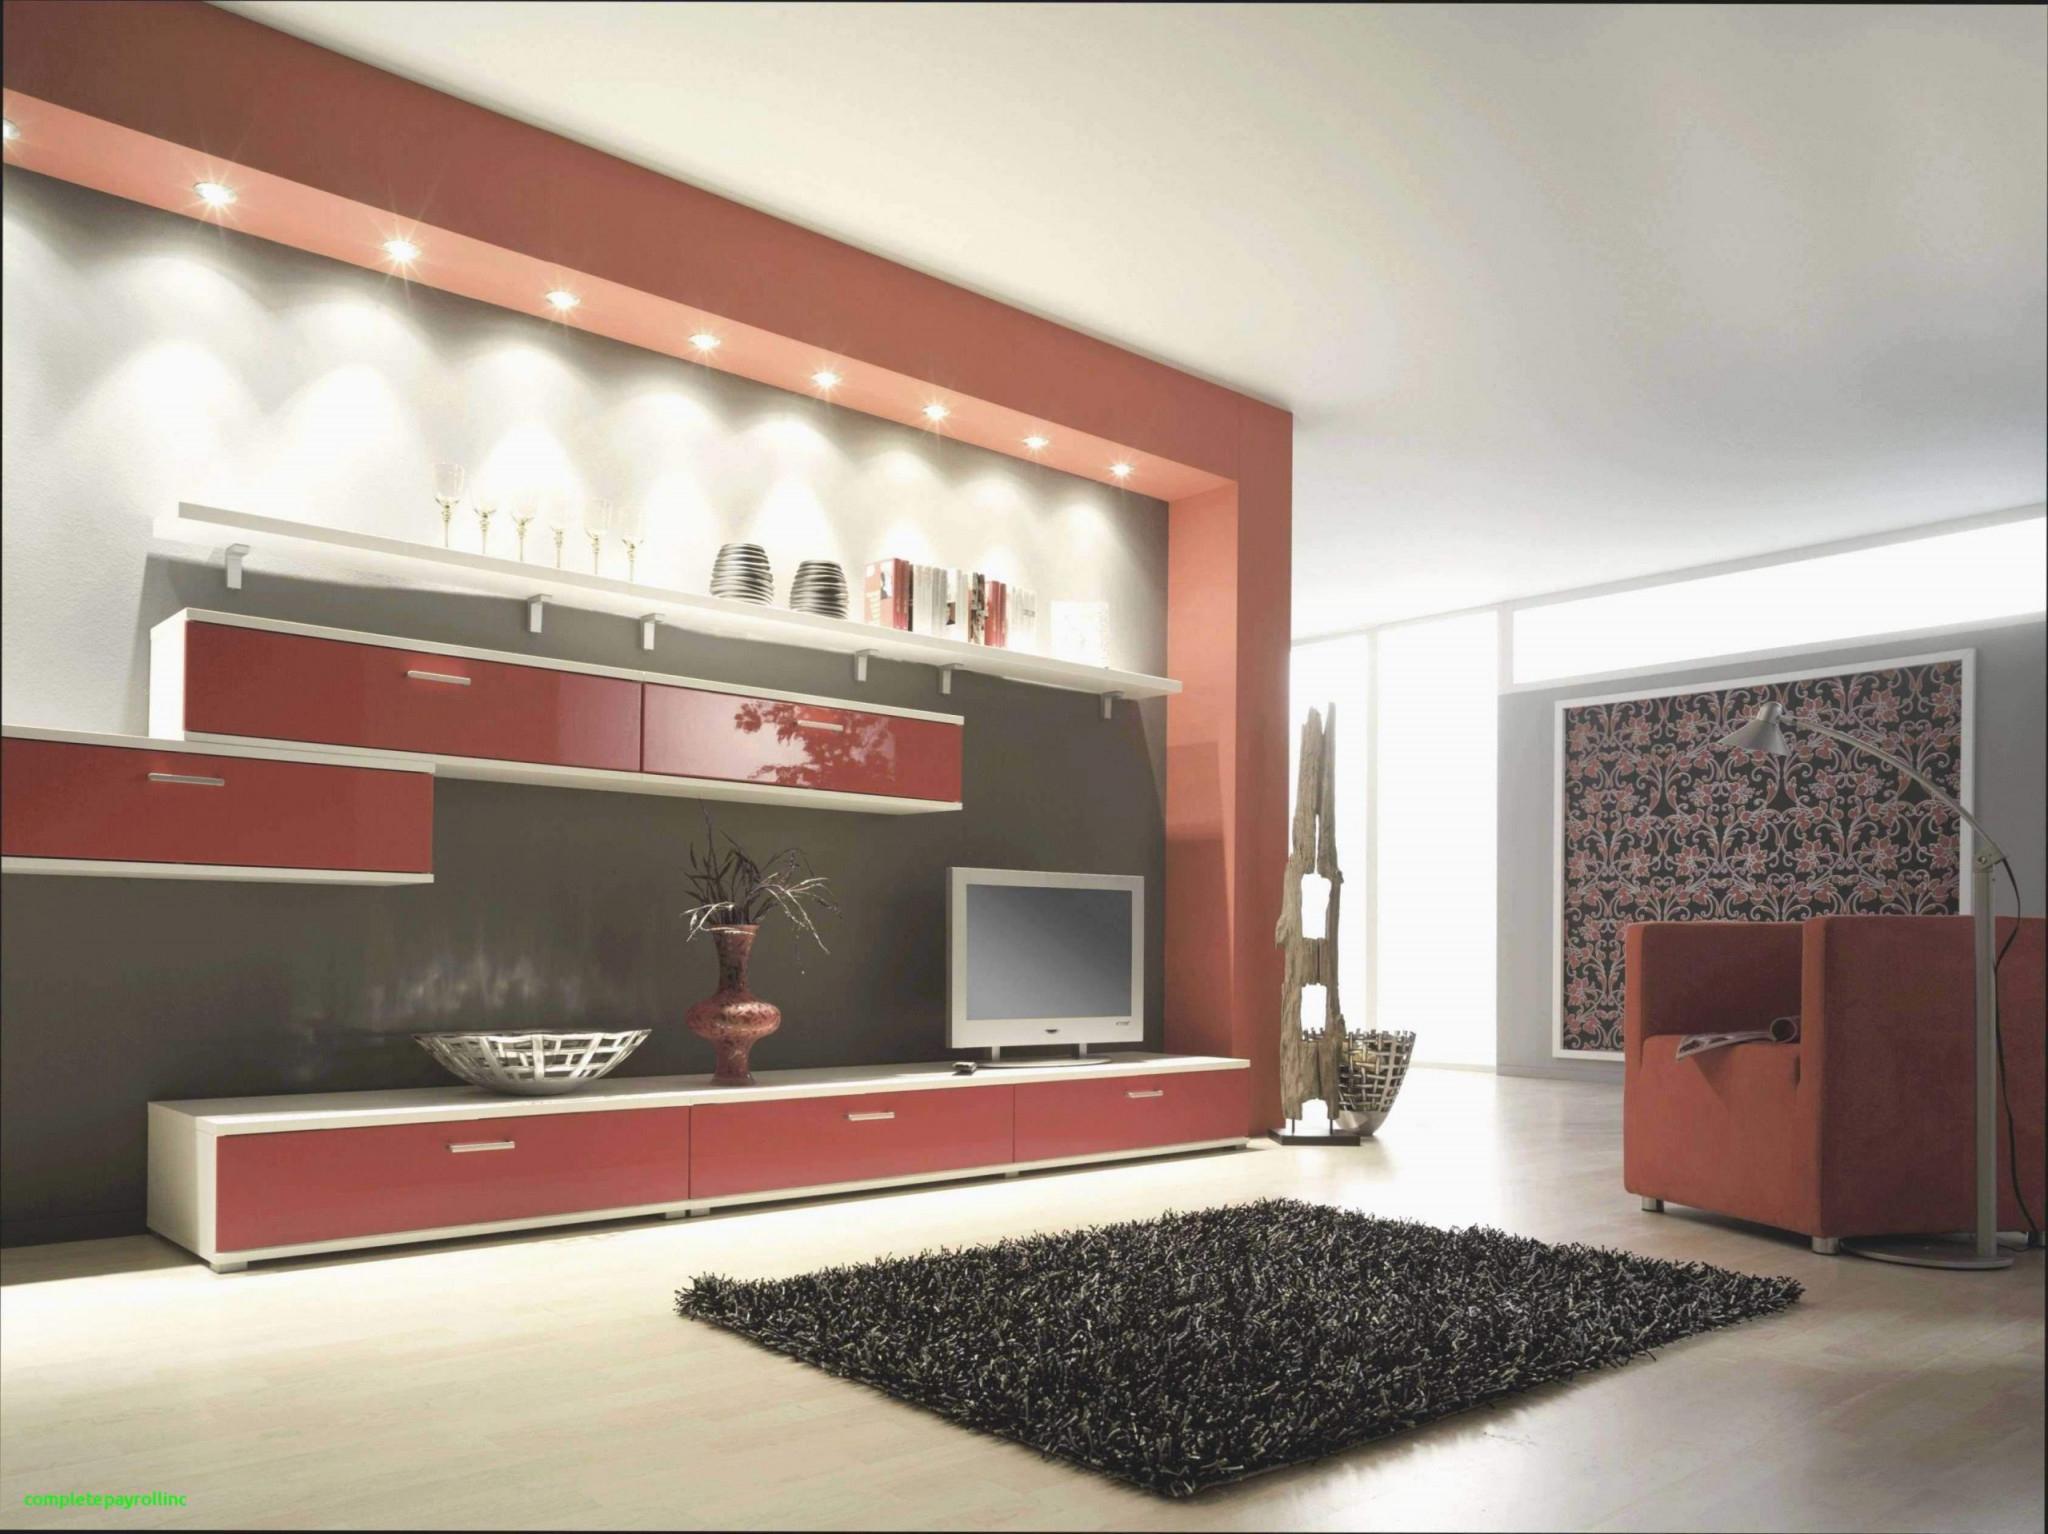 Wohnzimmer Decke Gestalten Das Beste Von 37 Einzigartig Von von Wohnzimmer Decken Gestalten Photo